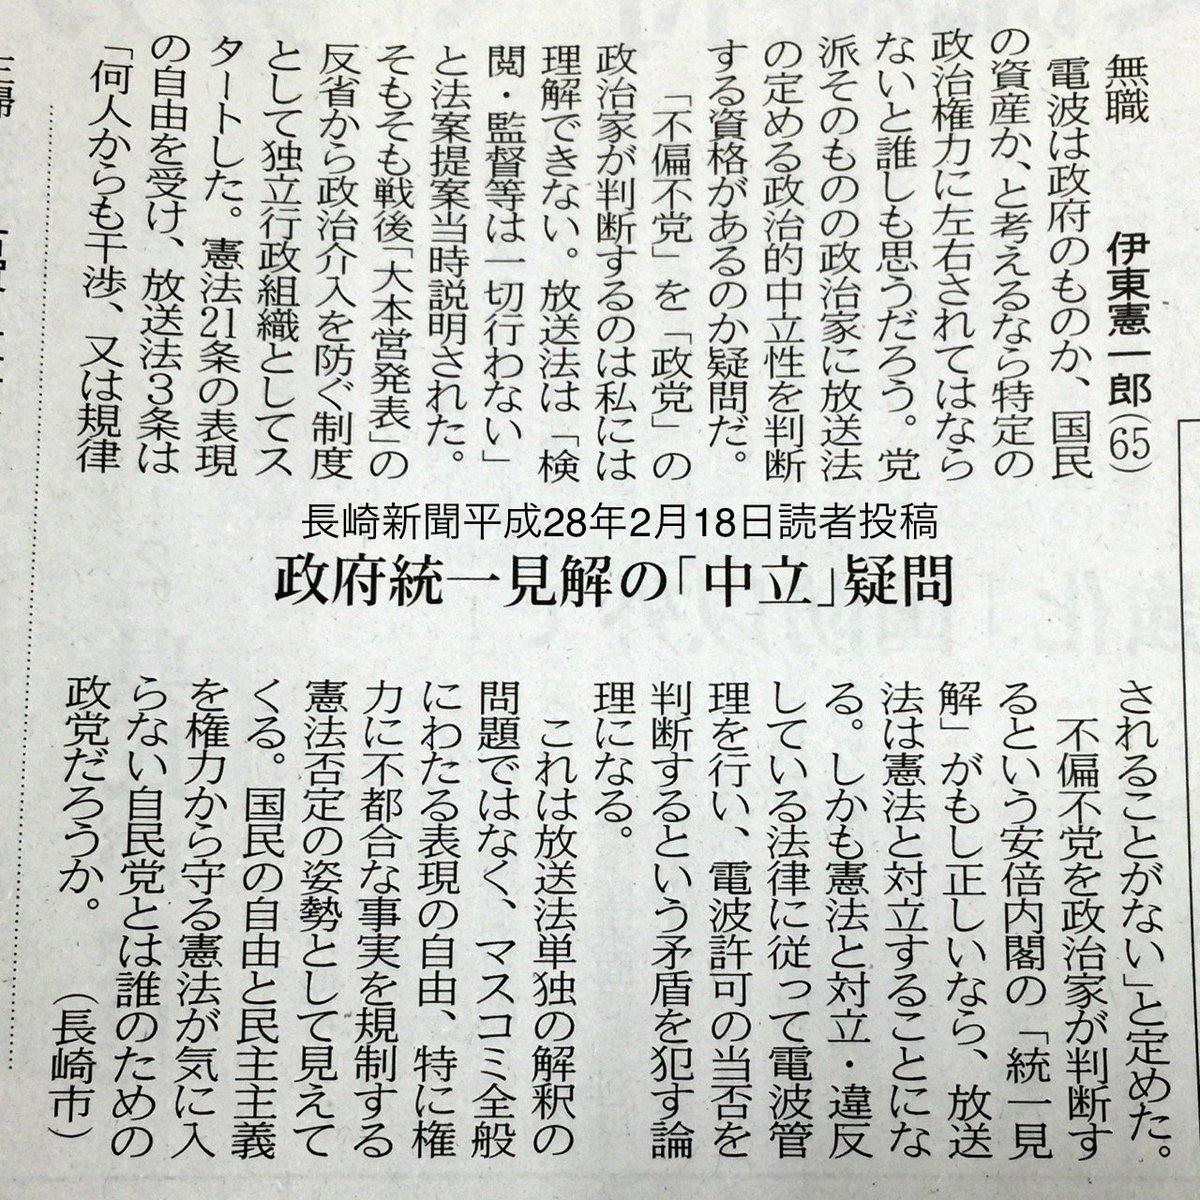 高市早苗総務相の電波停止発言について、長崎新聞読者の投書記事が理路整然と反論していてわかりやすかったです。 https://t.co/nVPsRnahuP